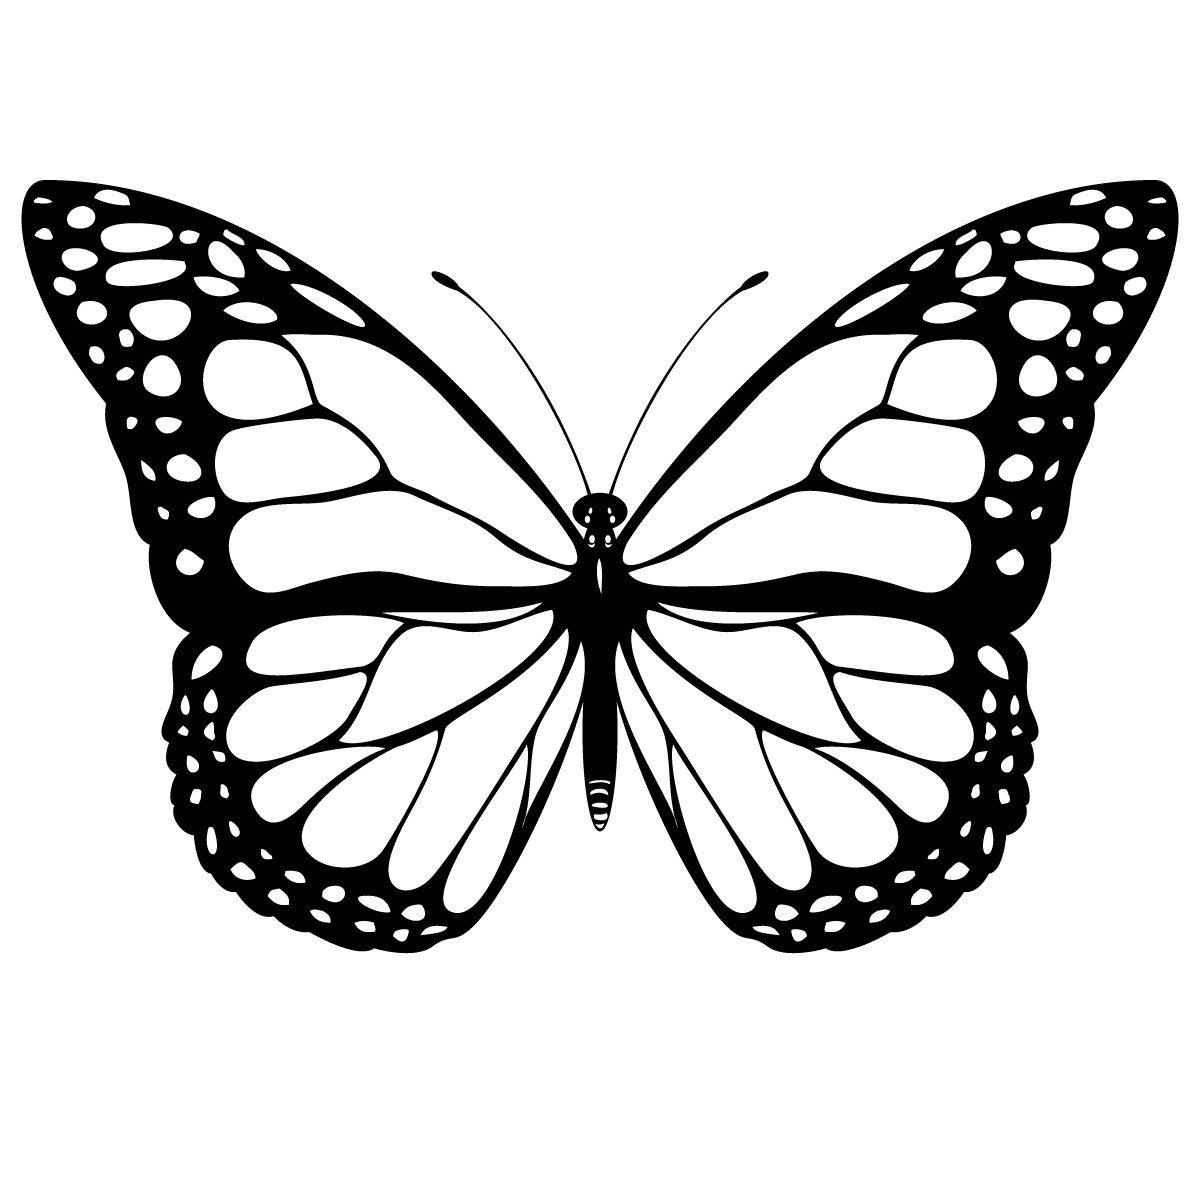 Coloriage Famille Papillon.Coloriage Papillon Les Beaux Dessins De Animaux A Imprimer Et